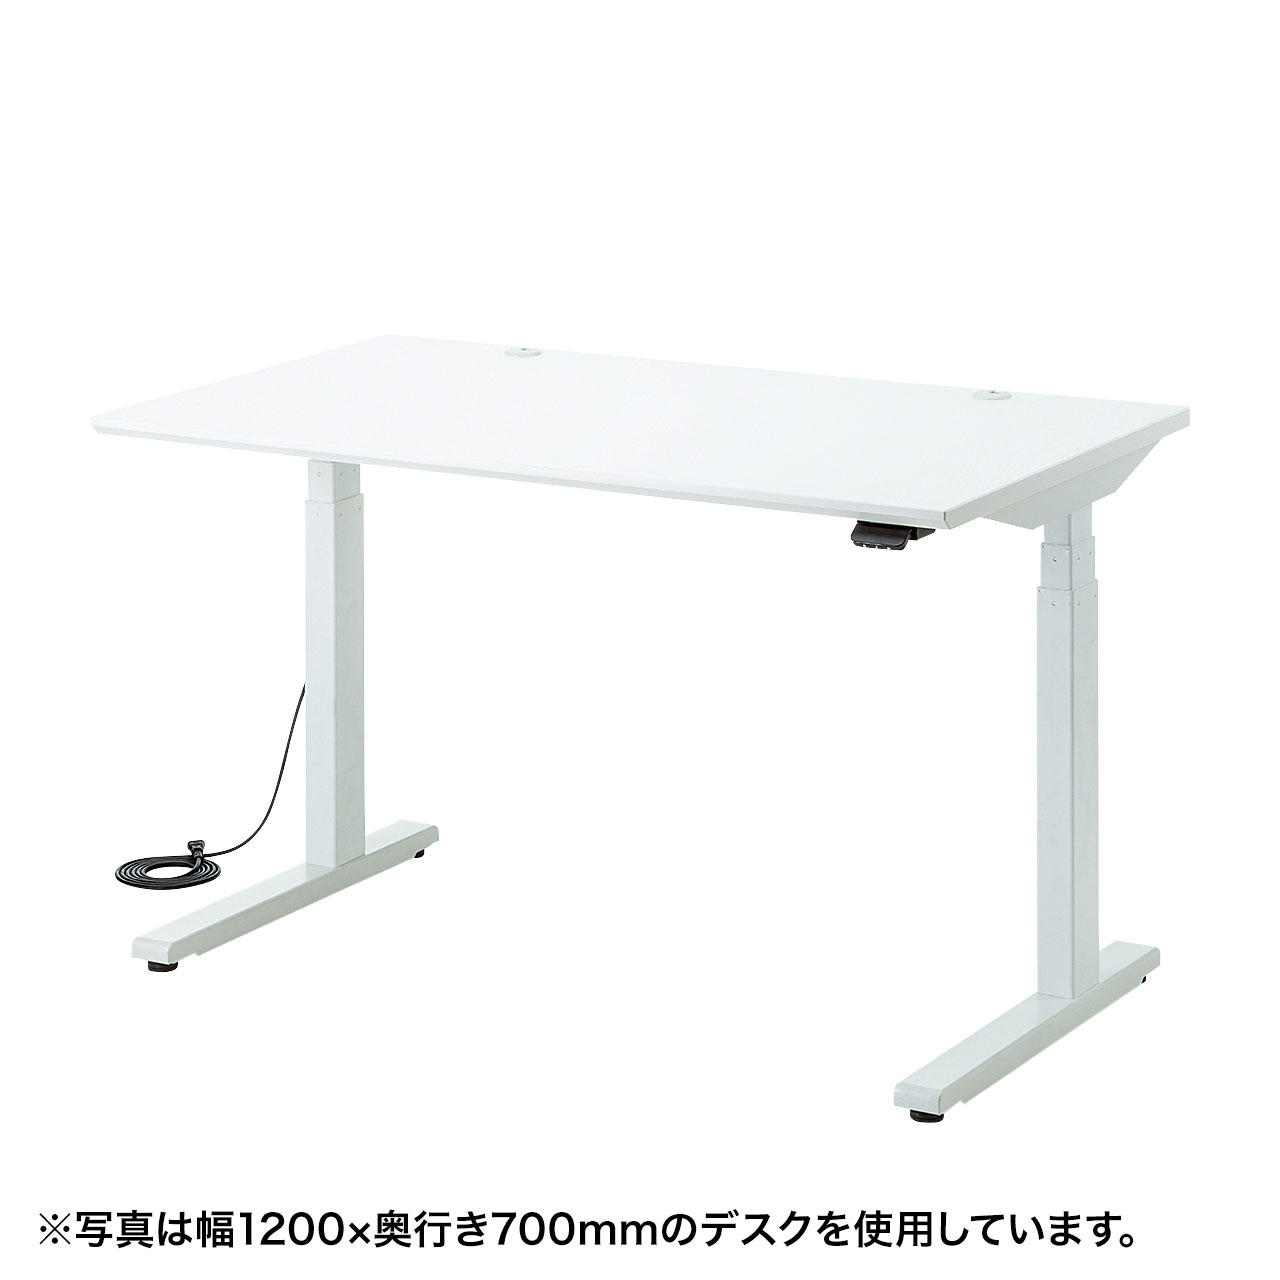 電動上下昇降デスク(W1400×D800mm・ホワイト)商品画像